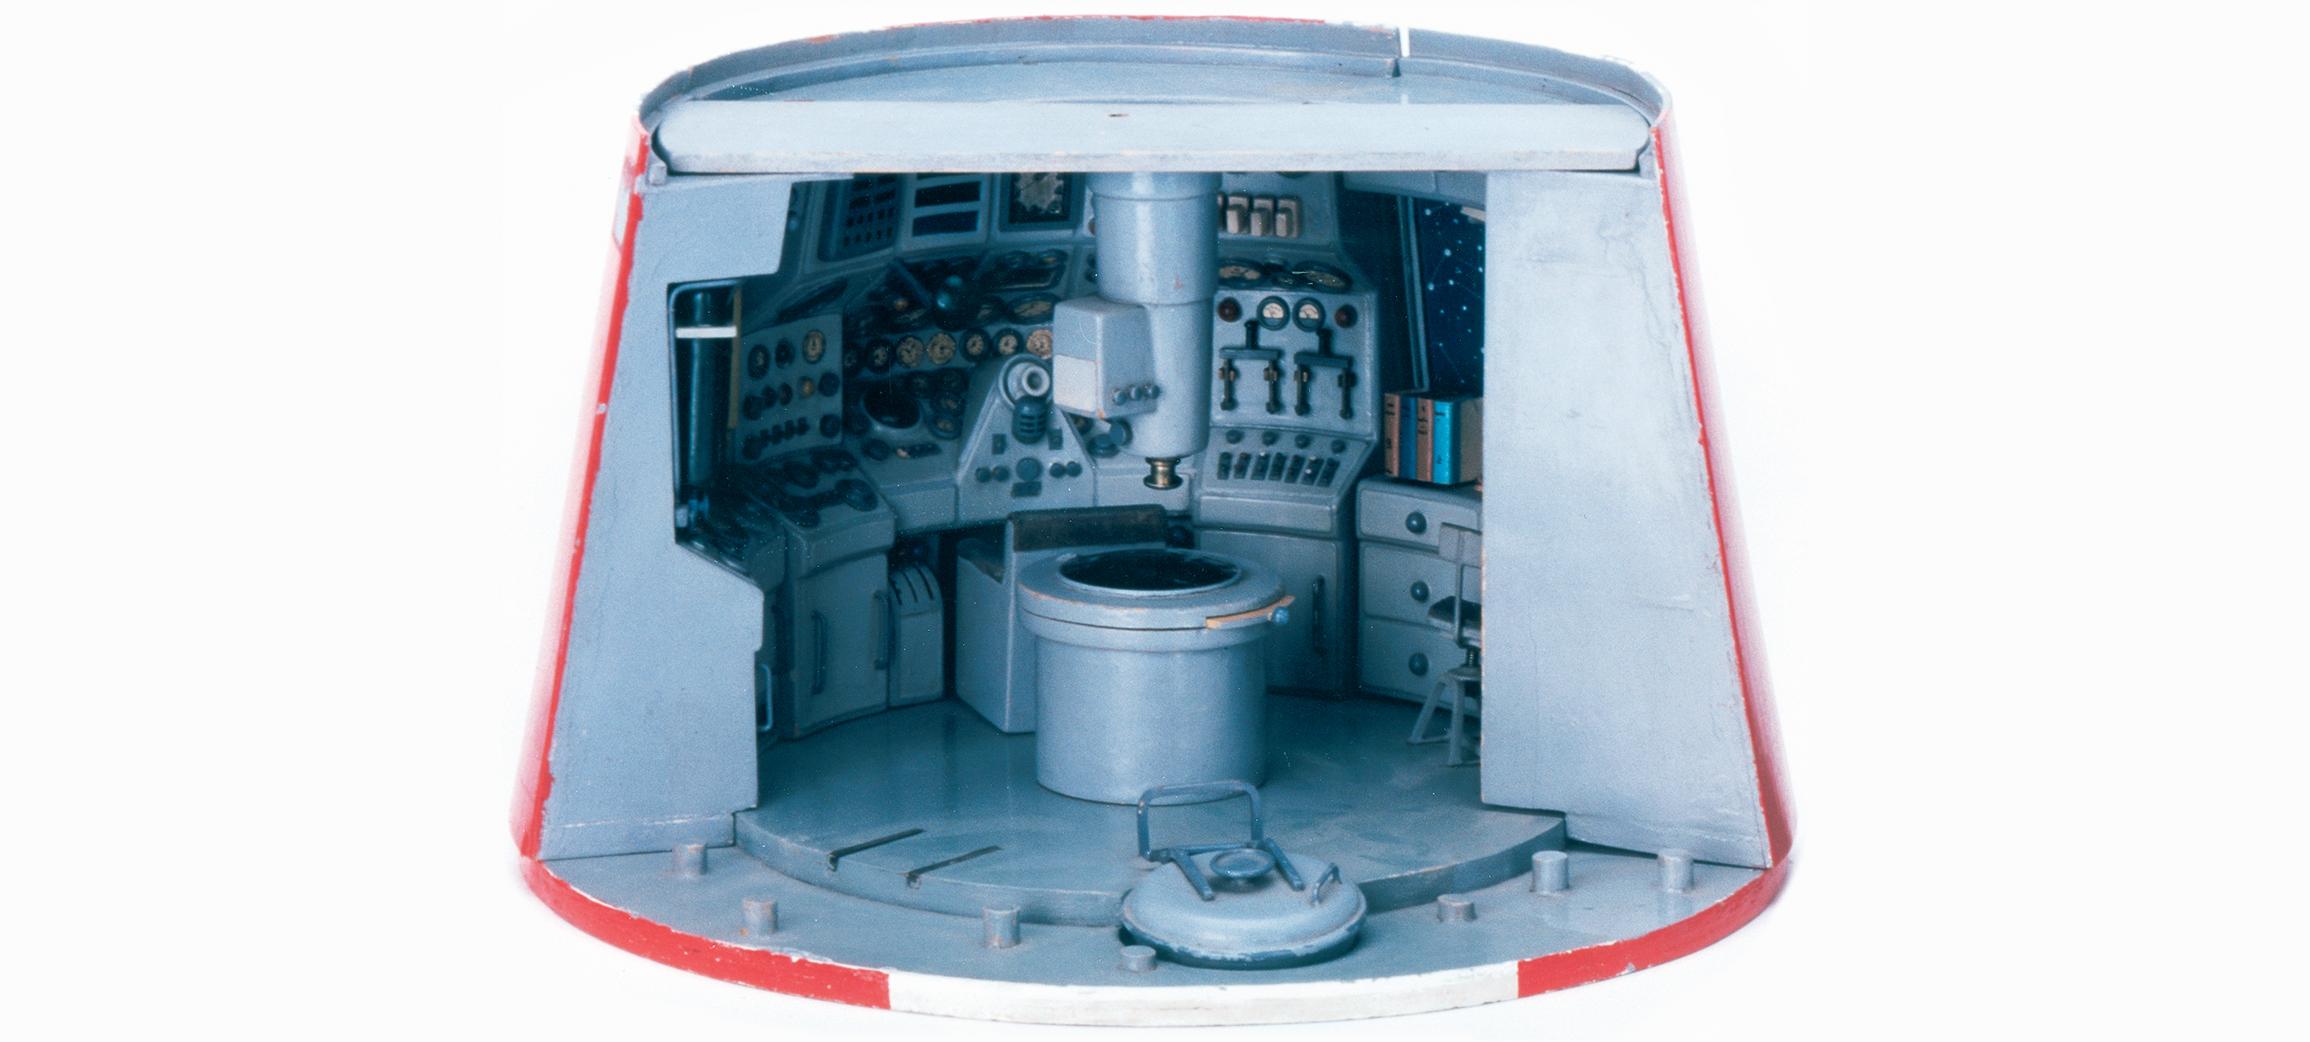 Maquette de la fusée spatiale pour Objectif Lune